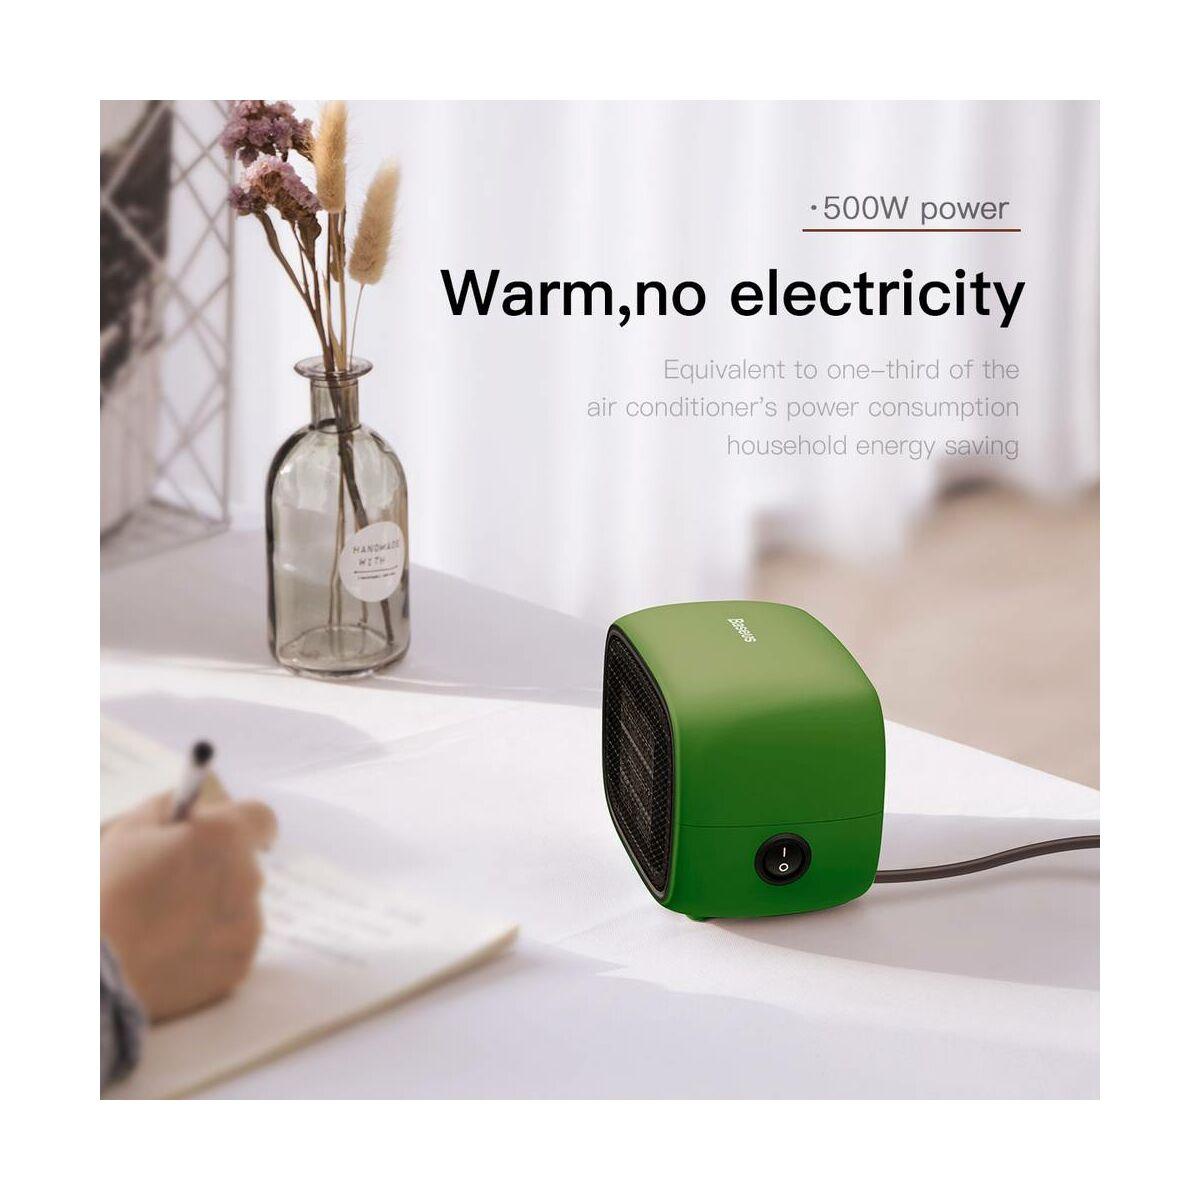 Baseus otthon, Warm Little fehér ventilátoros fűtőtest, EU, zöld (ACNXB-A06)